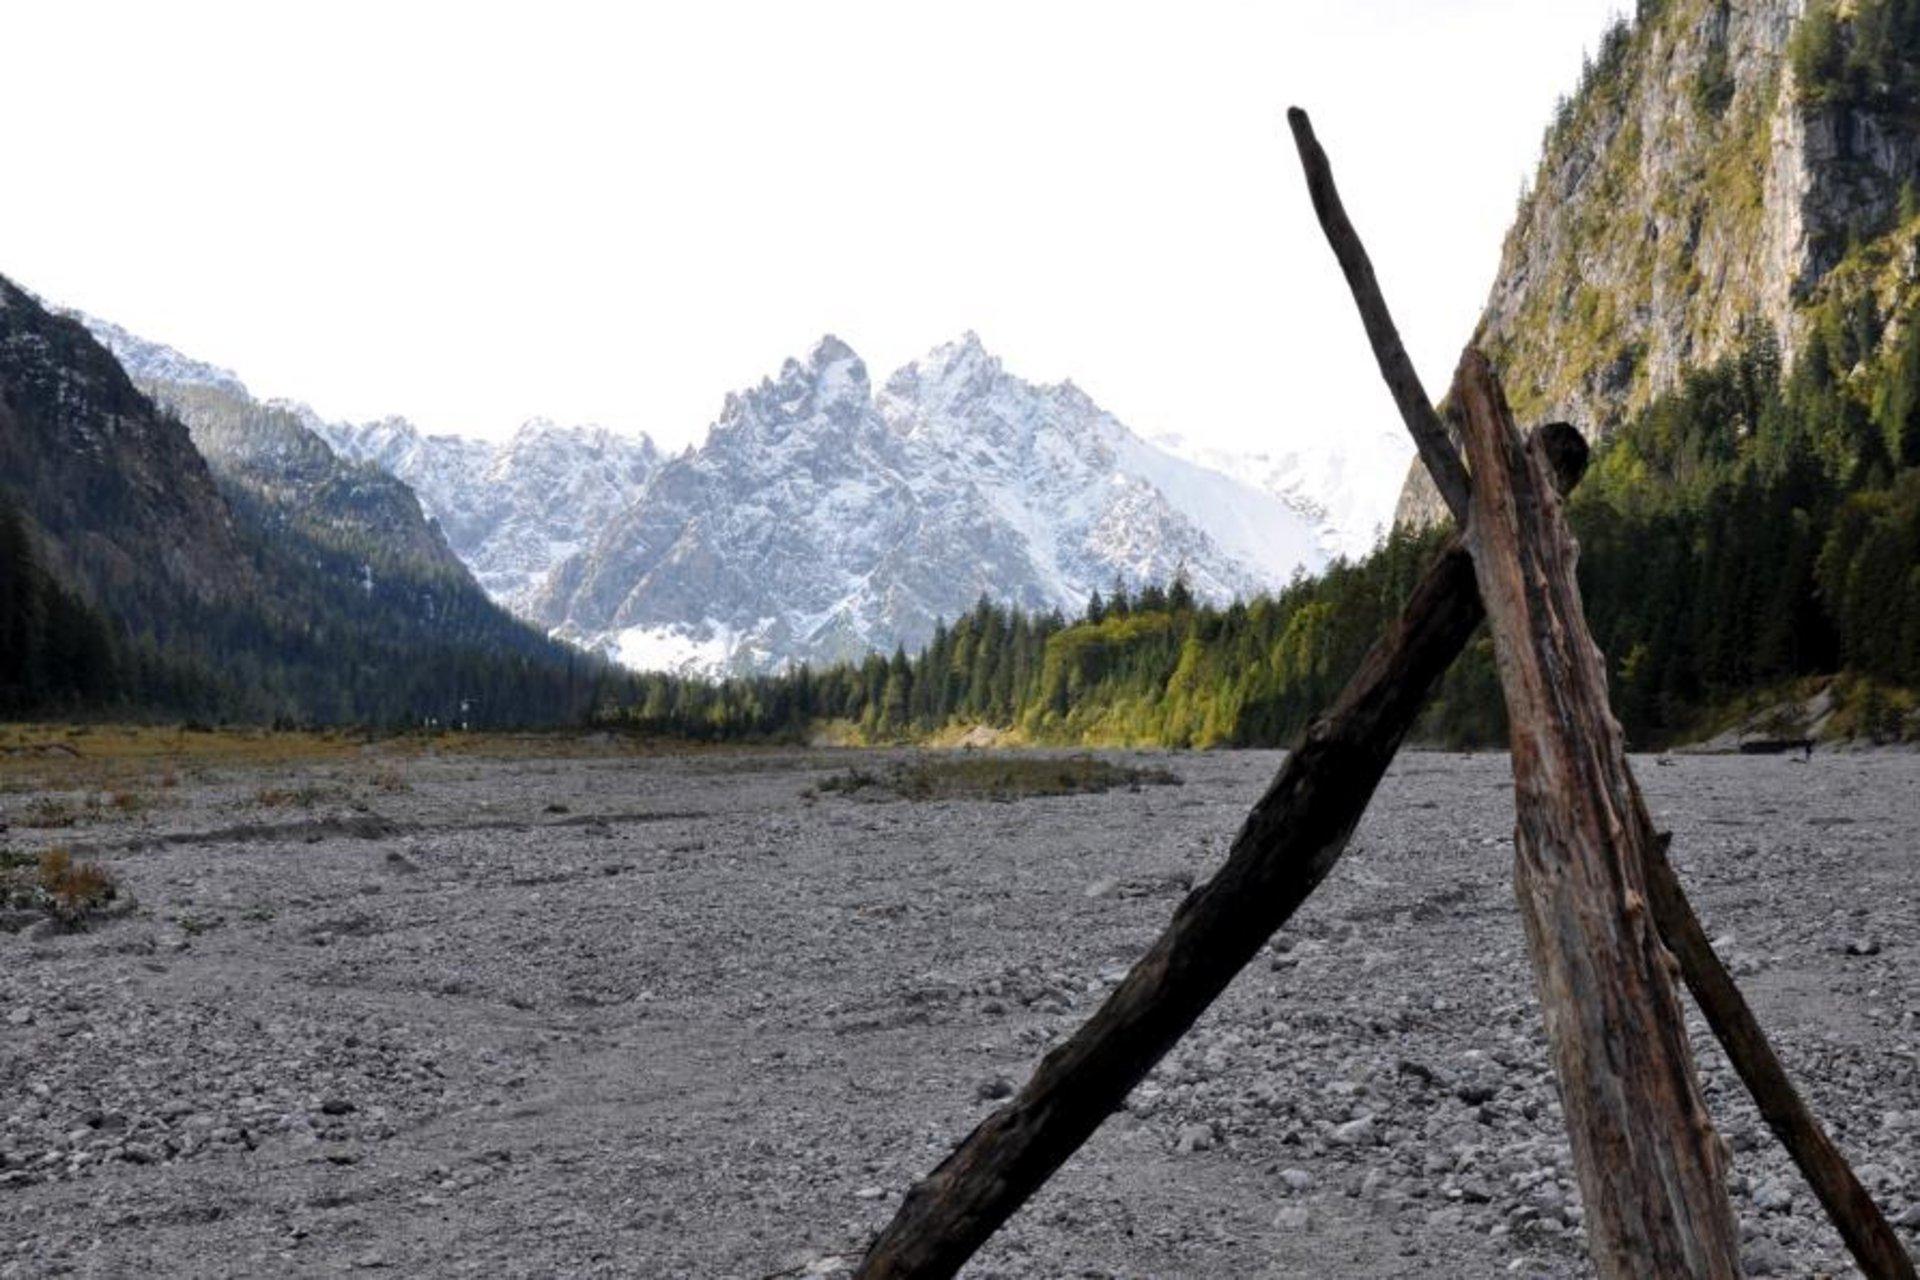 Blick durch das Wildbachtal mit verschneiten Bergen im Hintergrund